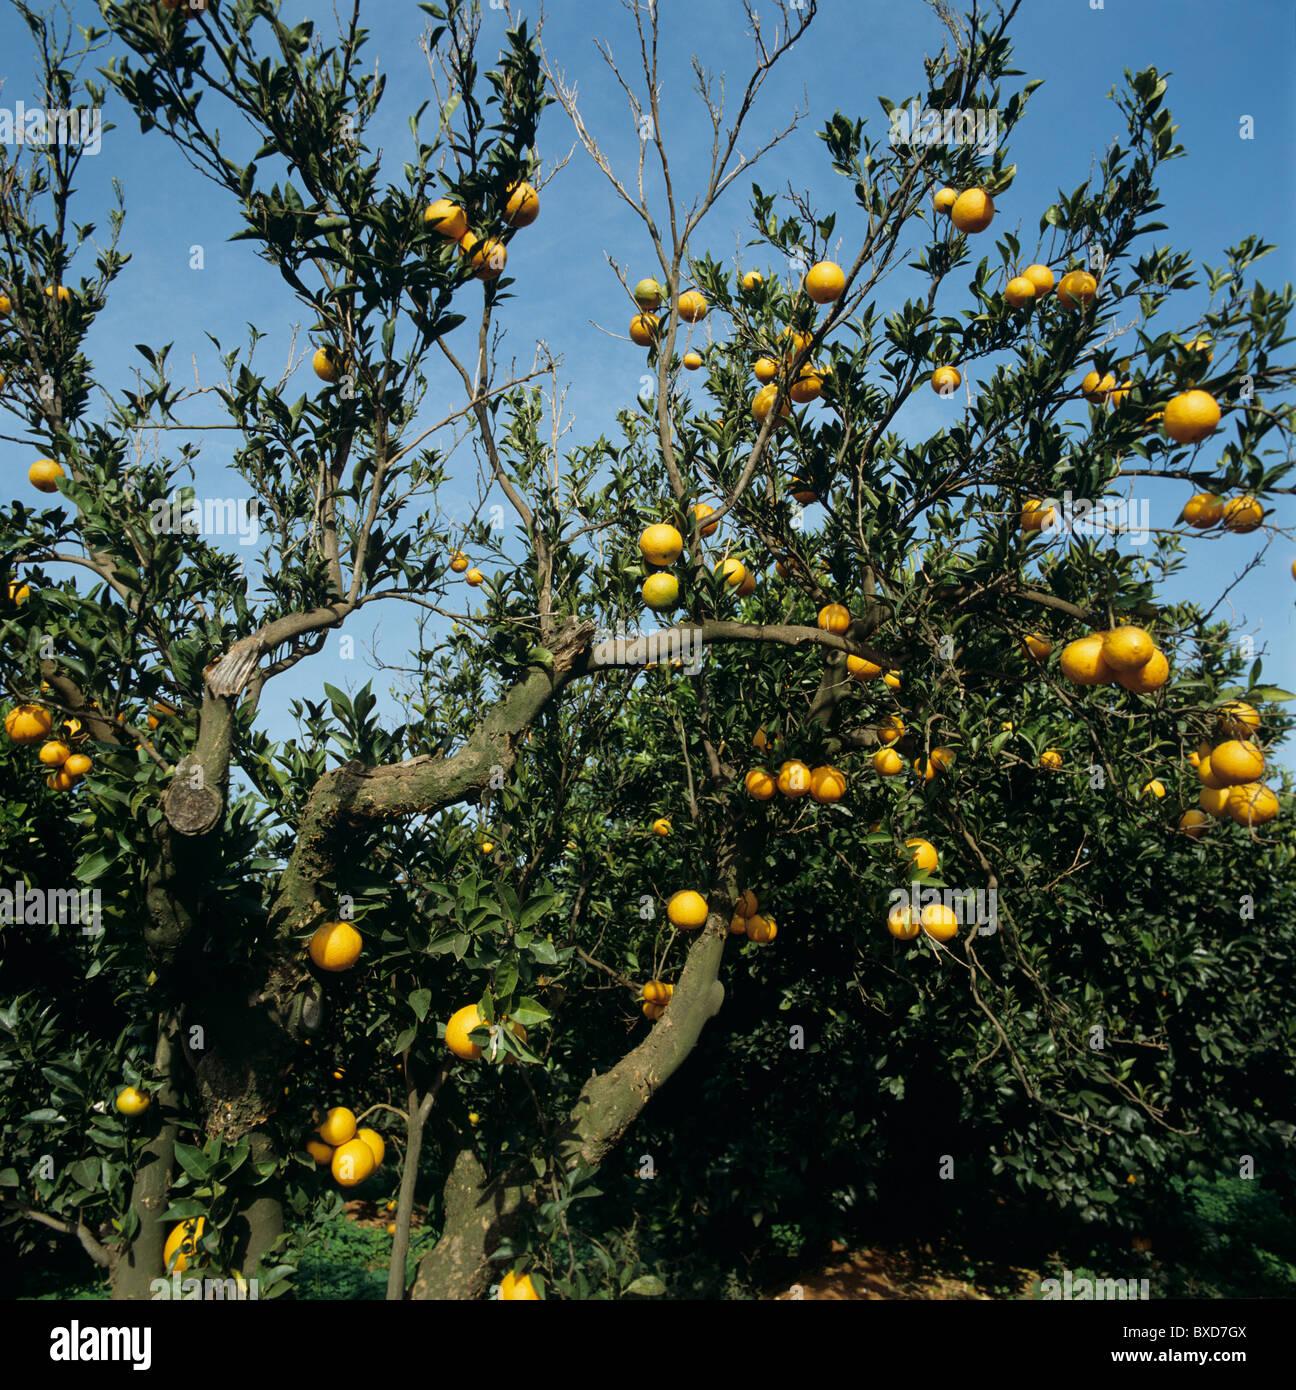 Schuppige Rinde (Citrus Psorosis Virus) Infektion von einer Clementine verursacht, Verfall und Tod, Spanien Stockbild